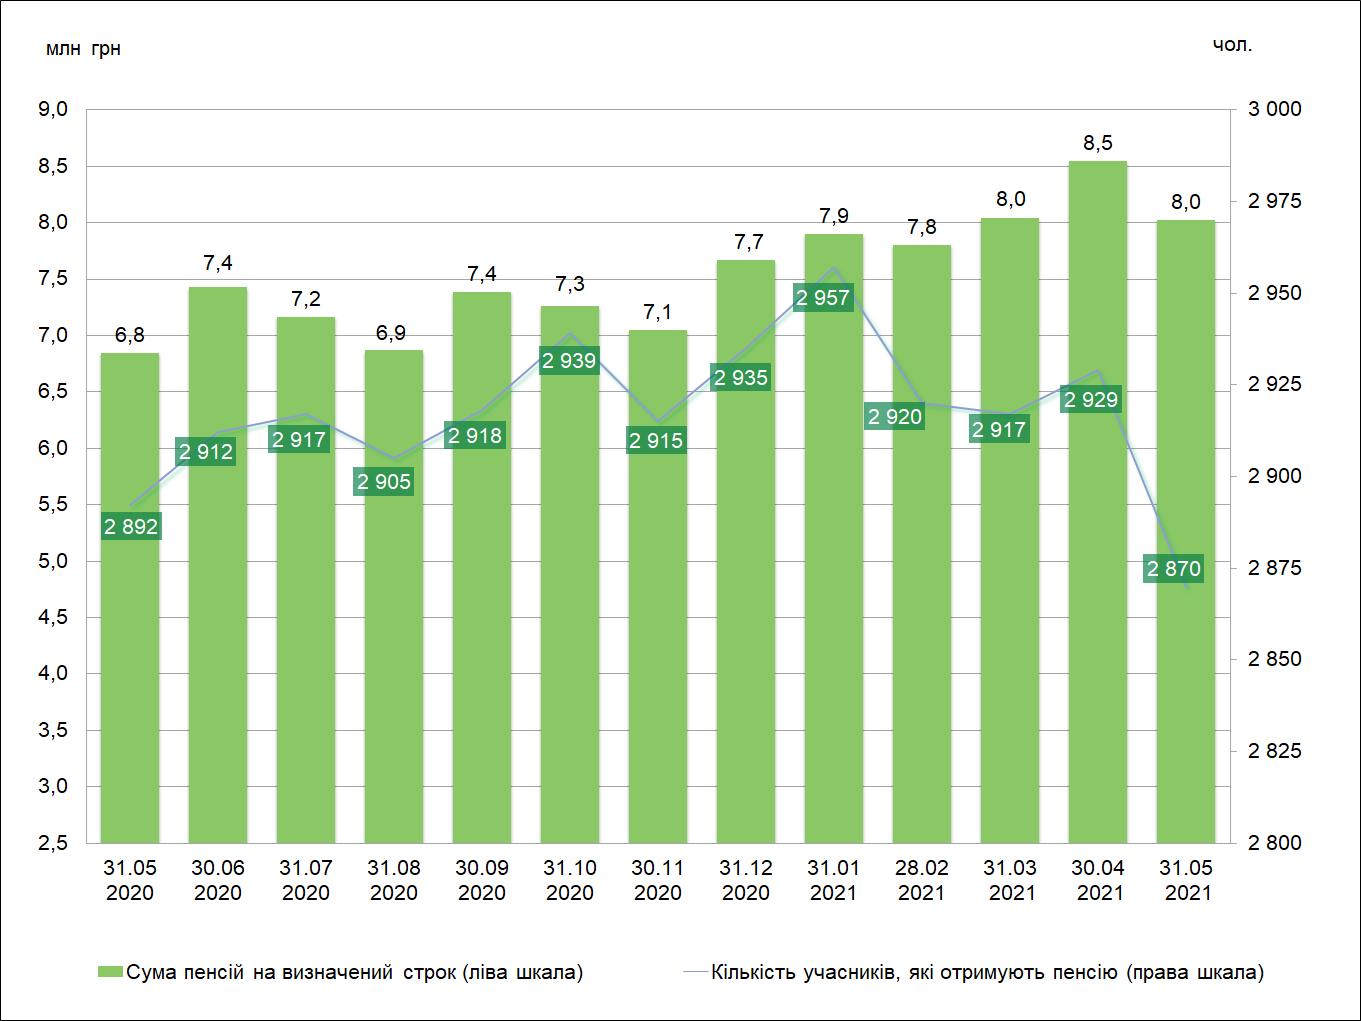 Виплата пенсій на визначений строк КНПФ НБУ помісячно